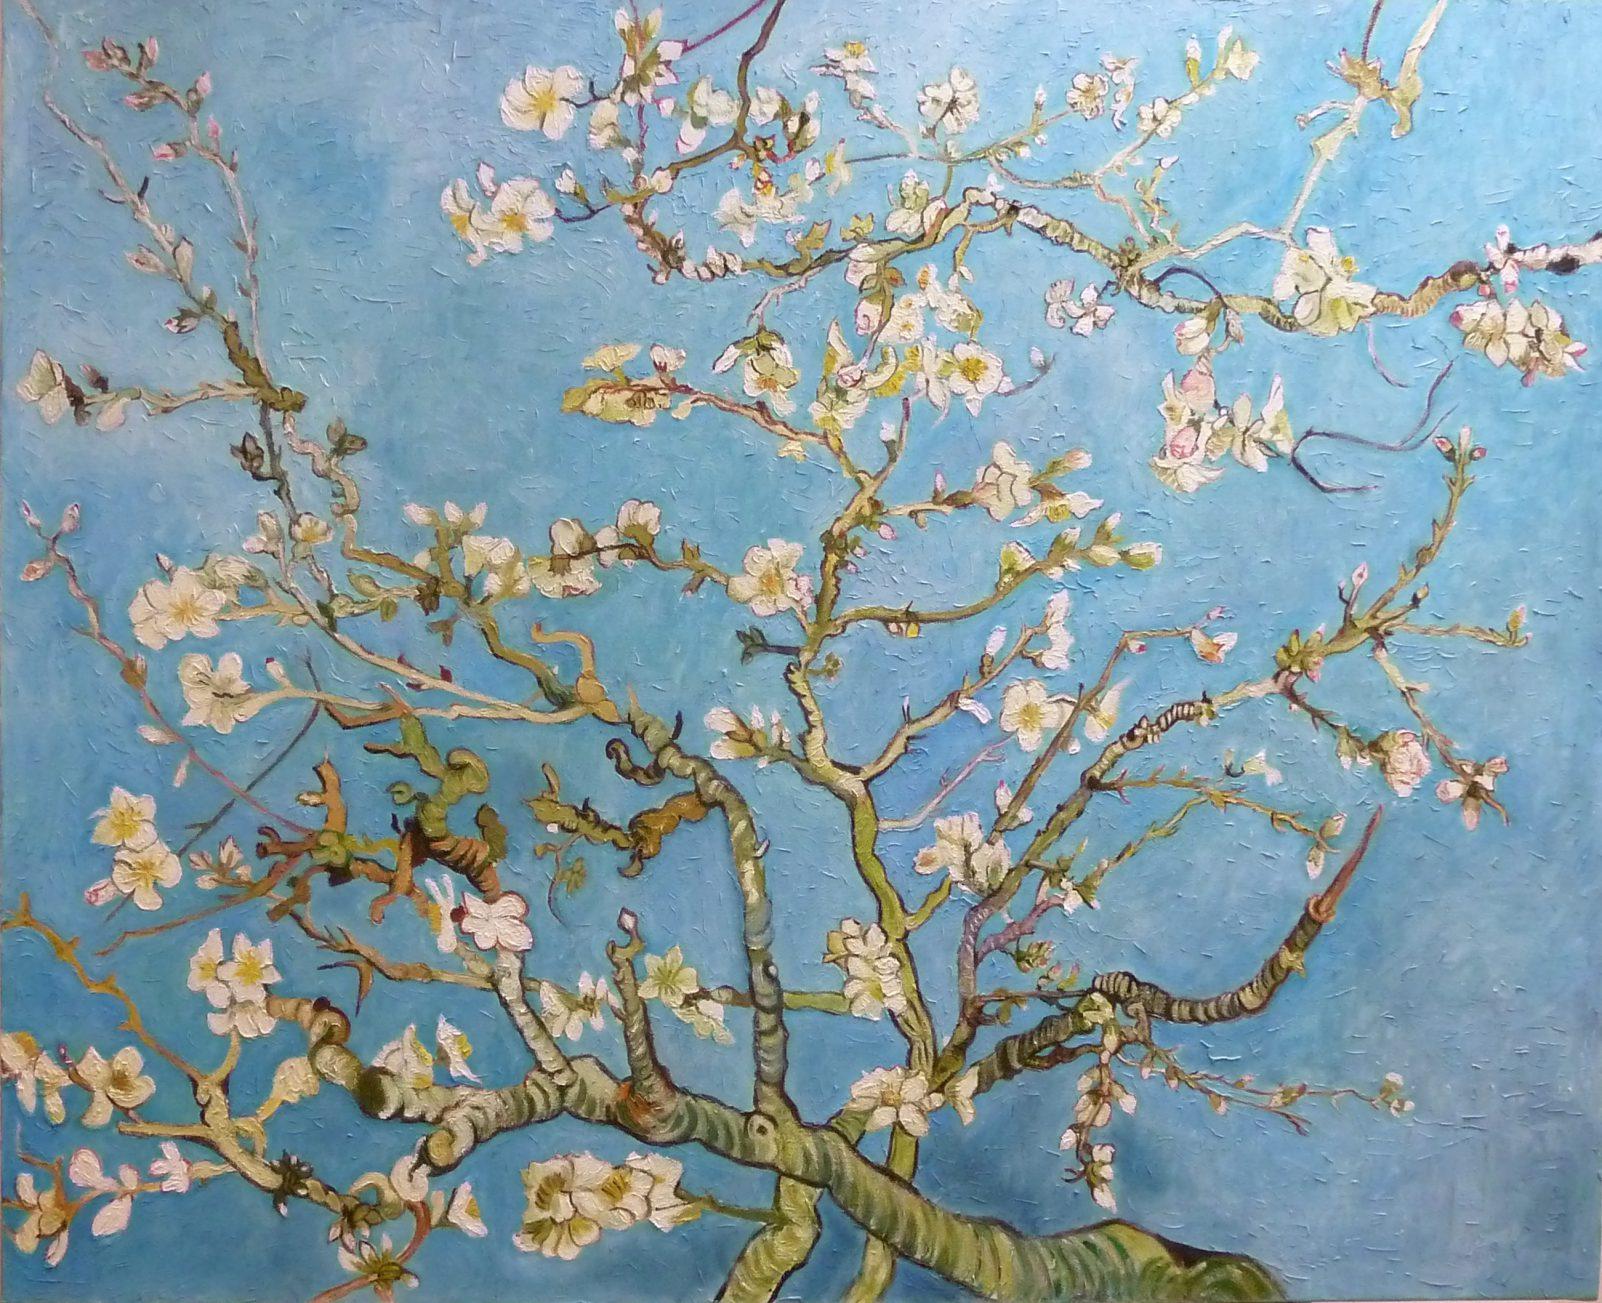 Copie de tableau | Amandier en fleur d'après Vincent Van Gogh par Alexandra Astorquiza